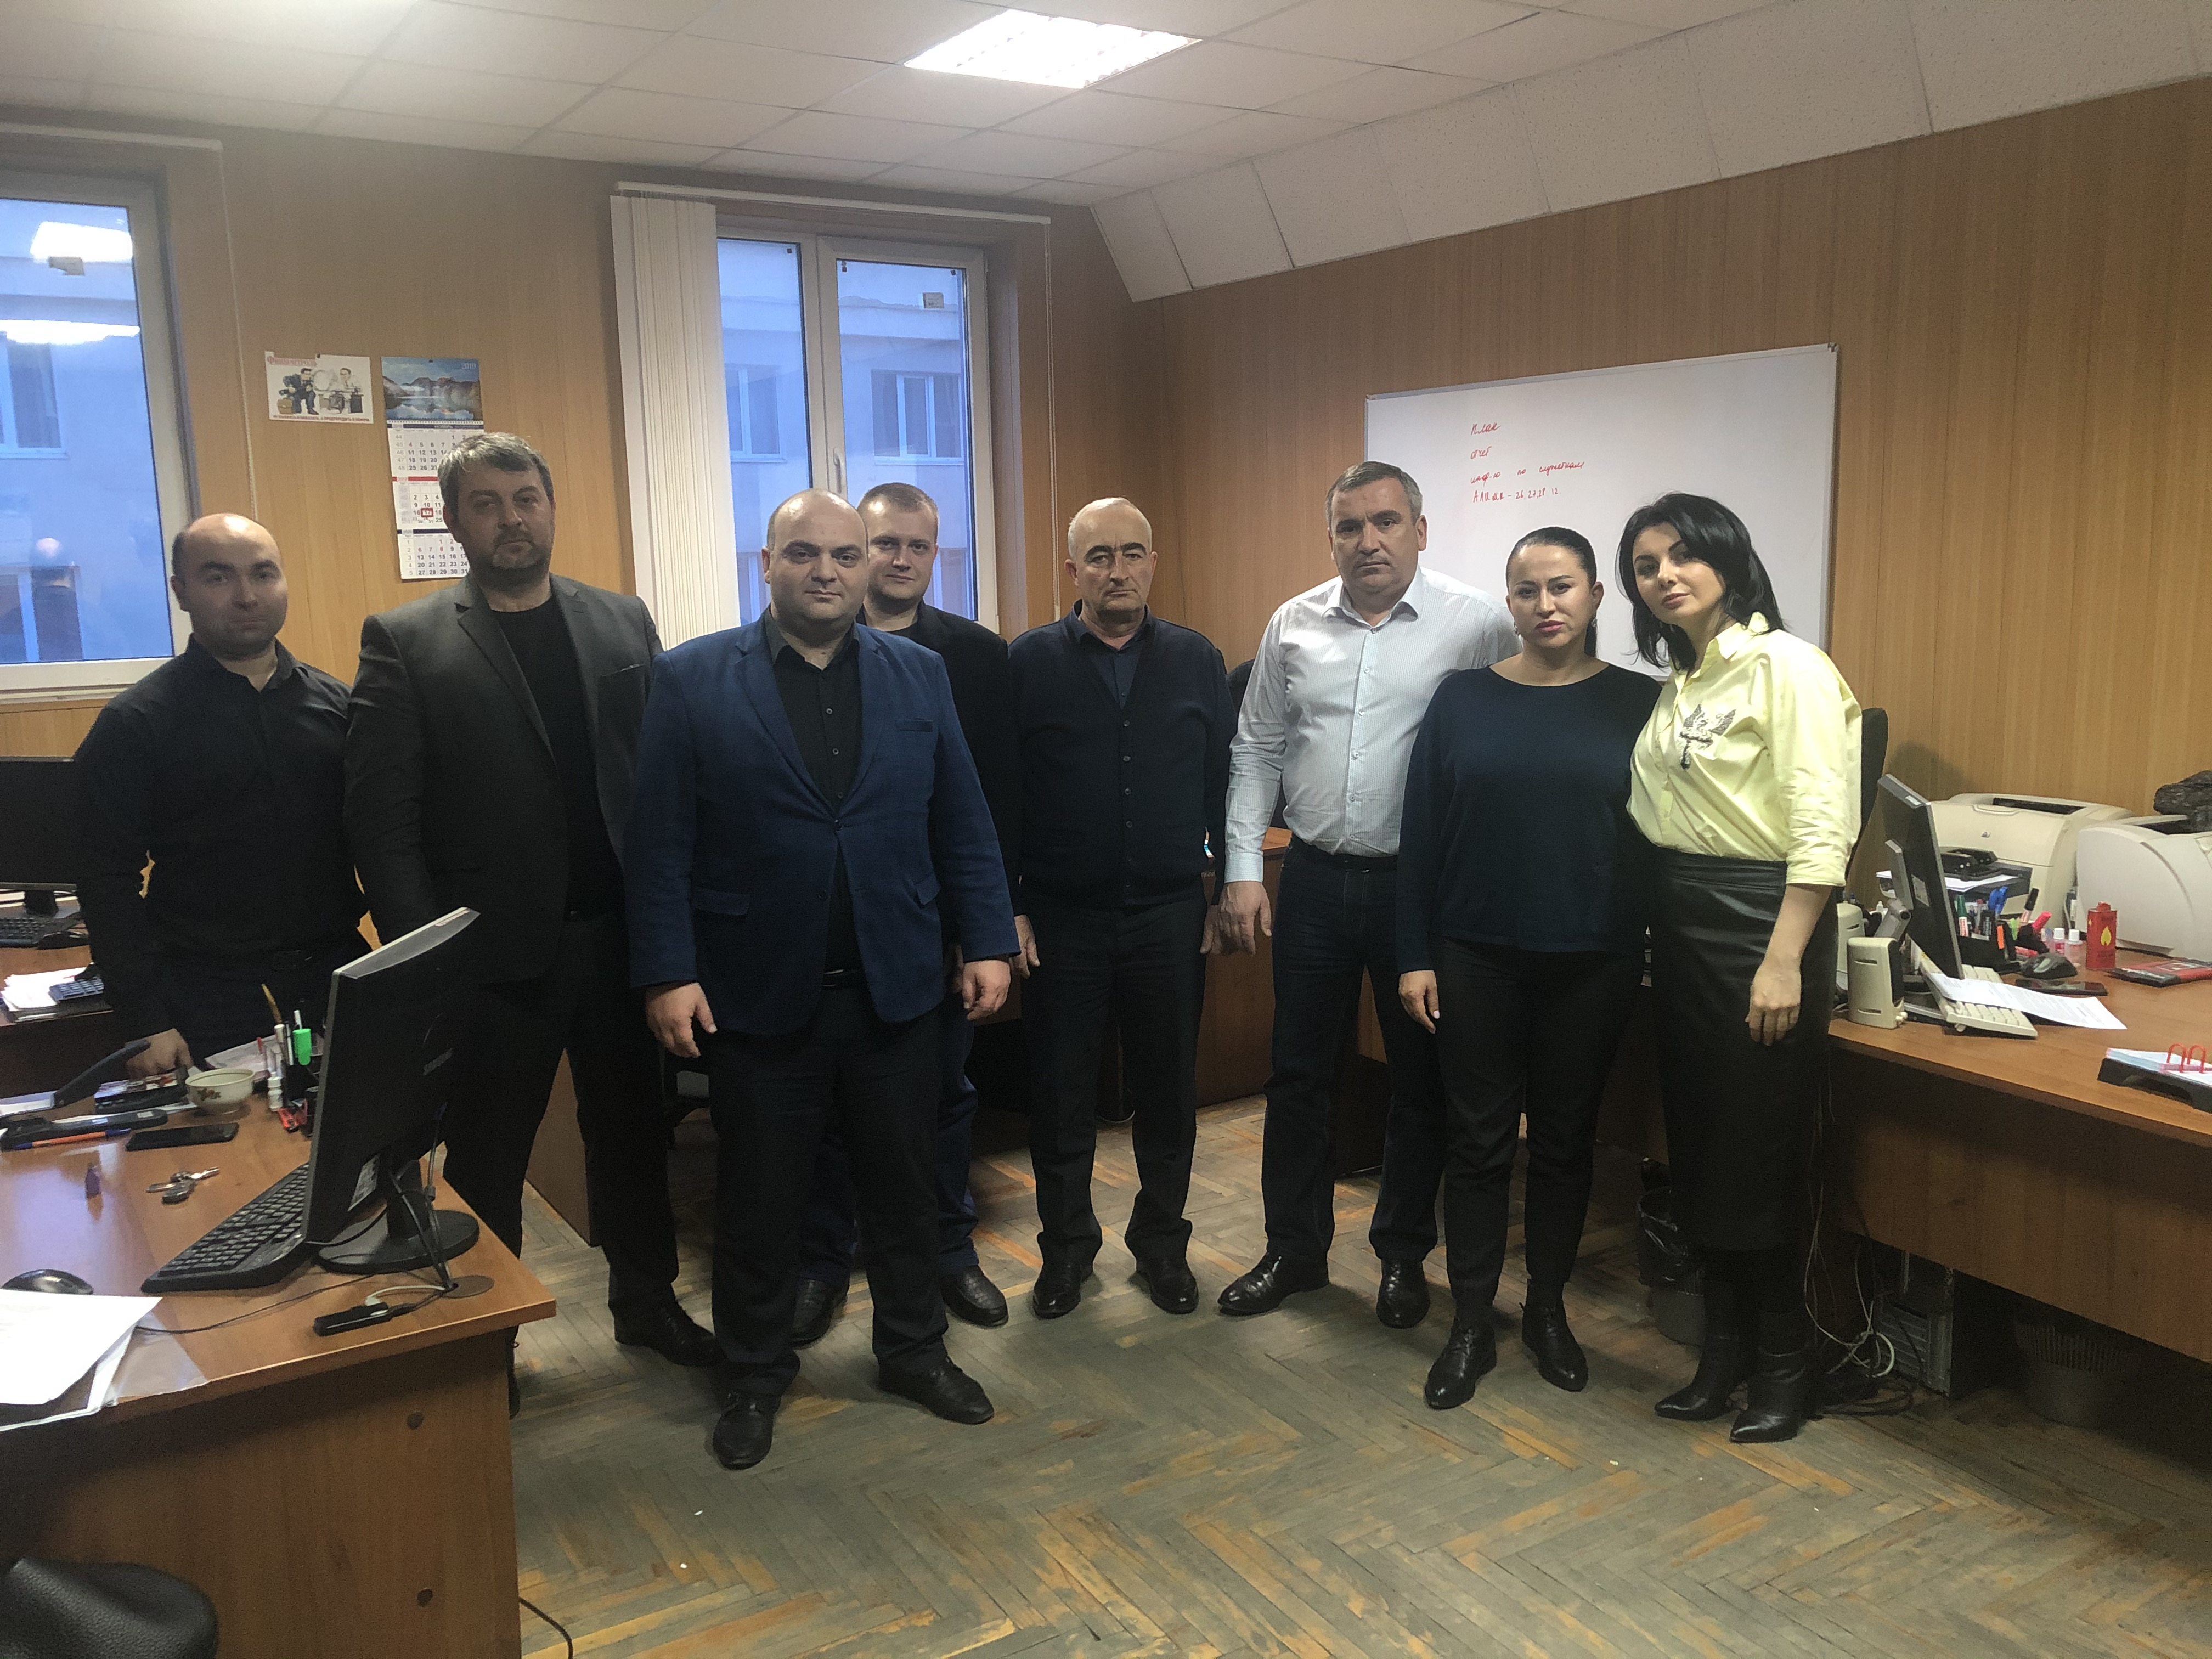 Антикоррупционный семинар, на тему: «Антикоррупционные стандарты поведения государственных гражданских служащих».